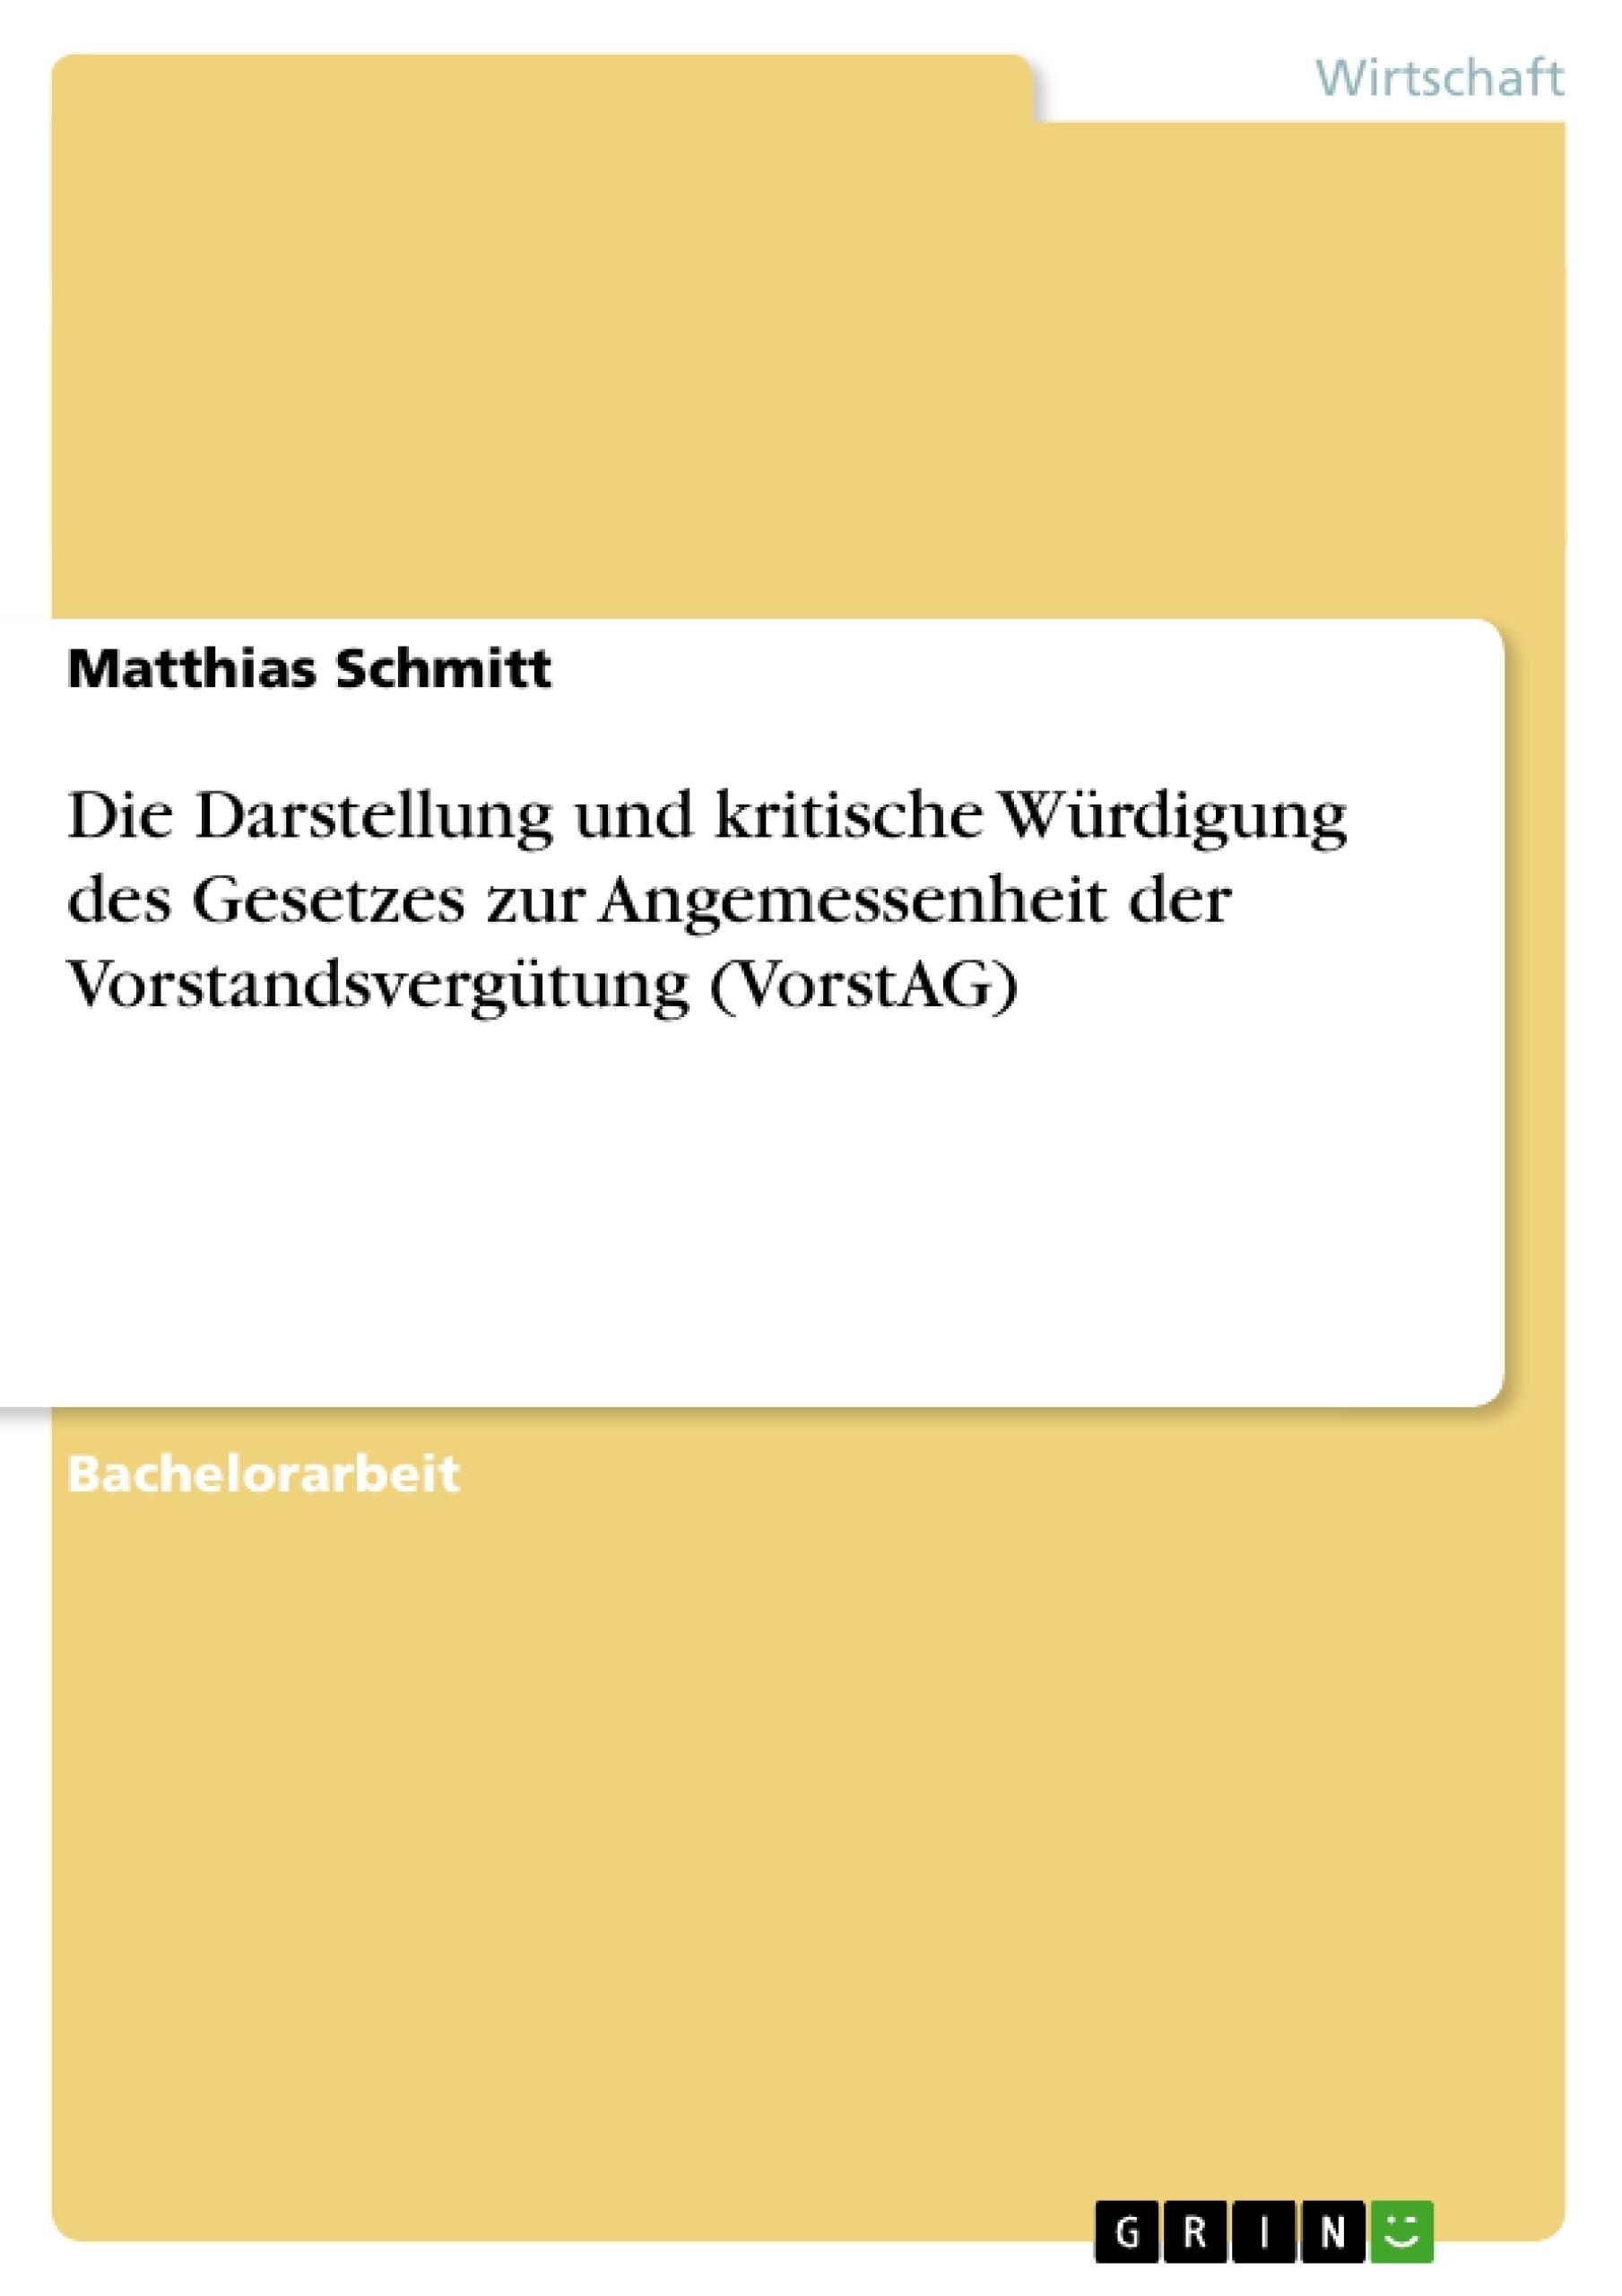 Titel: Die Darstellung und kritische Würdigung des Gesetzes zur Angemessenheit der Vorstandsvergütung (VorstAG)